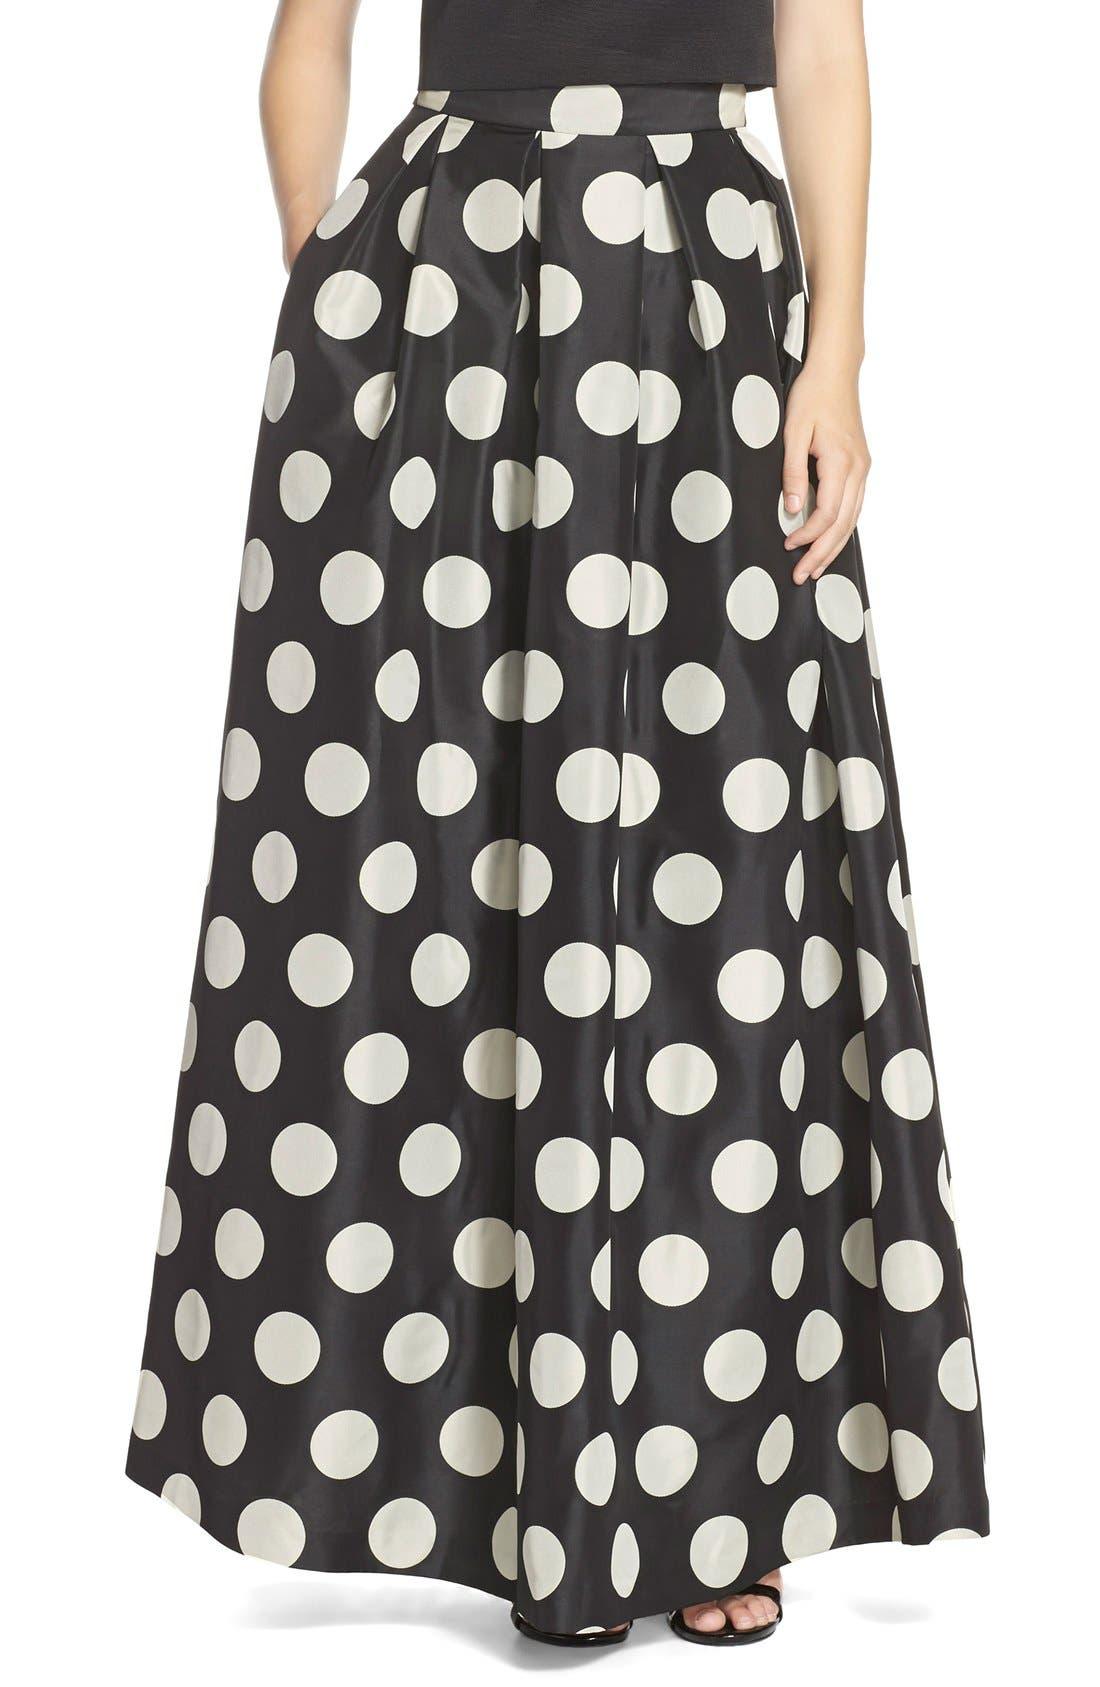 Alternate Image 1 Selected - Eliza J Polka Dot Woven Ball Skirt